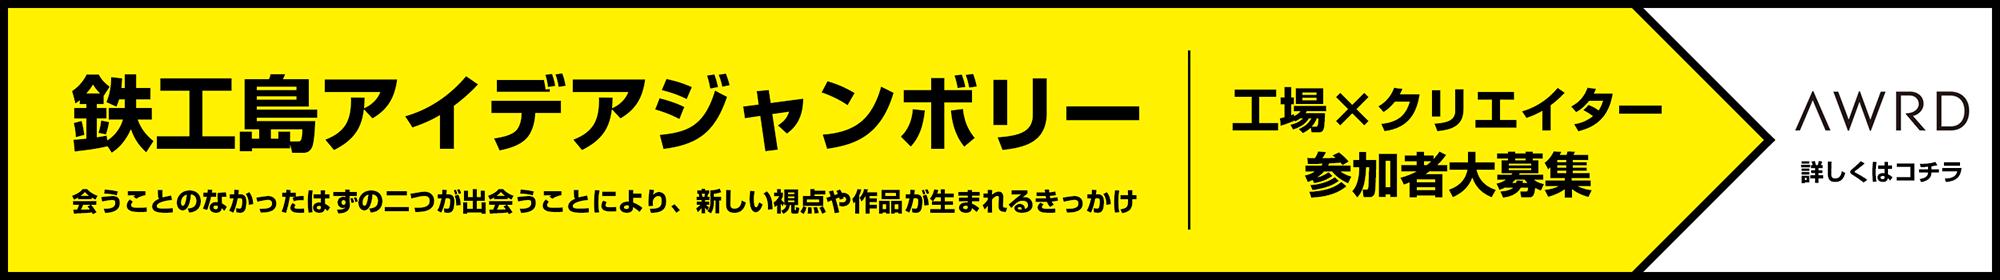 鉄工島フェス 2018 〜IRON ISLAND FES. 2018〜 『鉄工島アイデアジャンボリー』参加者募集!